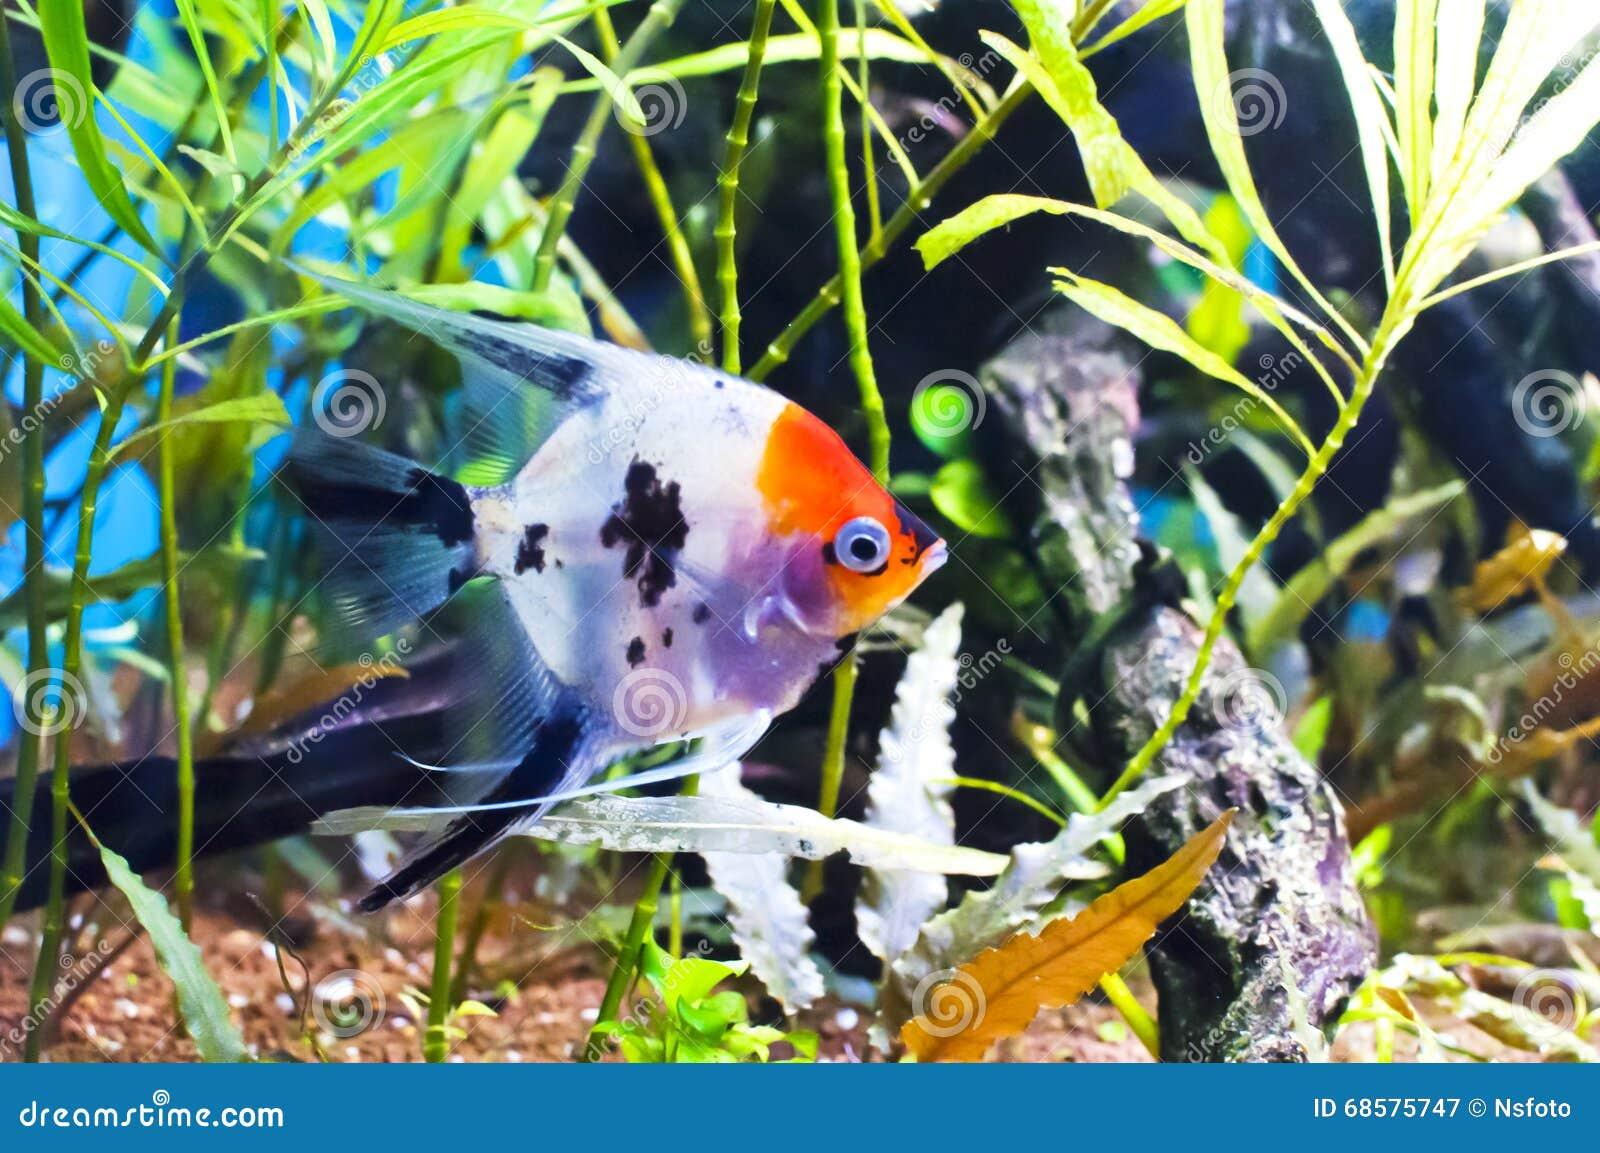 Scalar koi in an aquarium stock image image of fish for Skalar aquarium